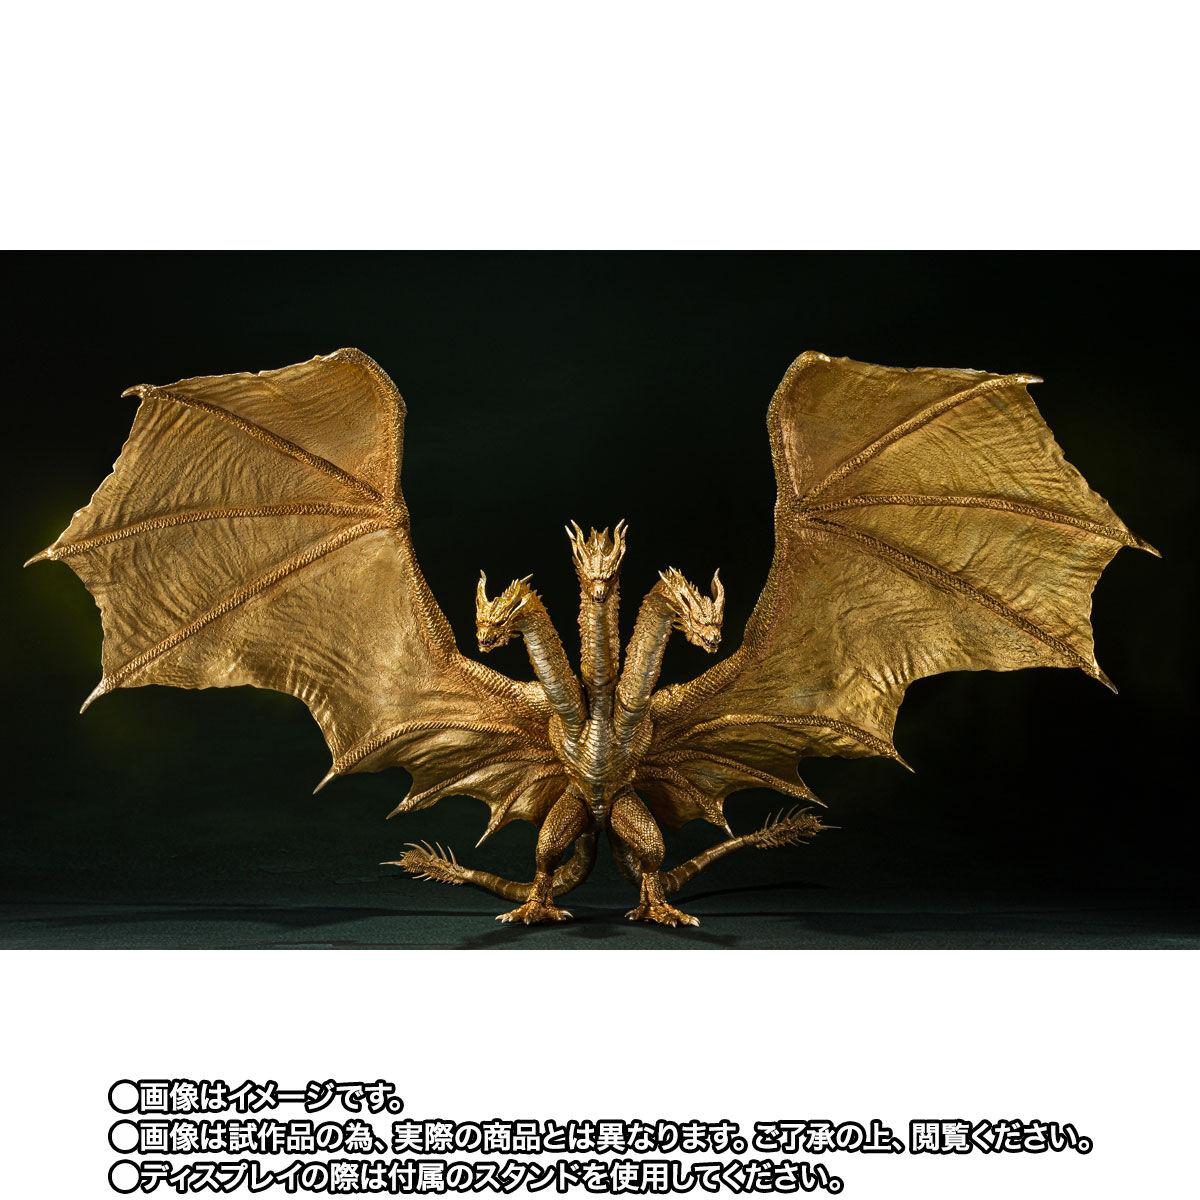 【限定販売】S.H.MonsterArts『キングギドラ(2019)Special Color Ver.』ゴジラ キング・オブ・モンスターズ 可動フィギュア-004